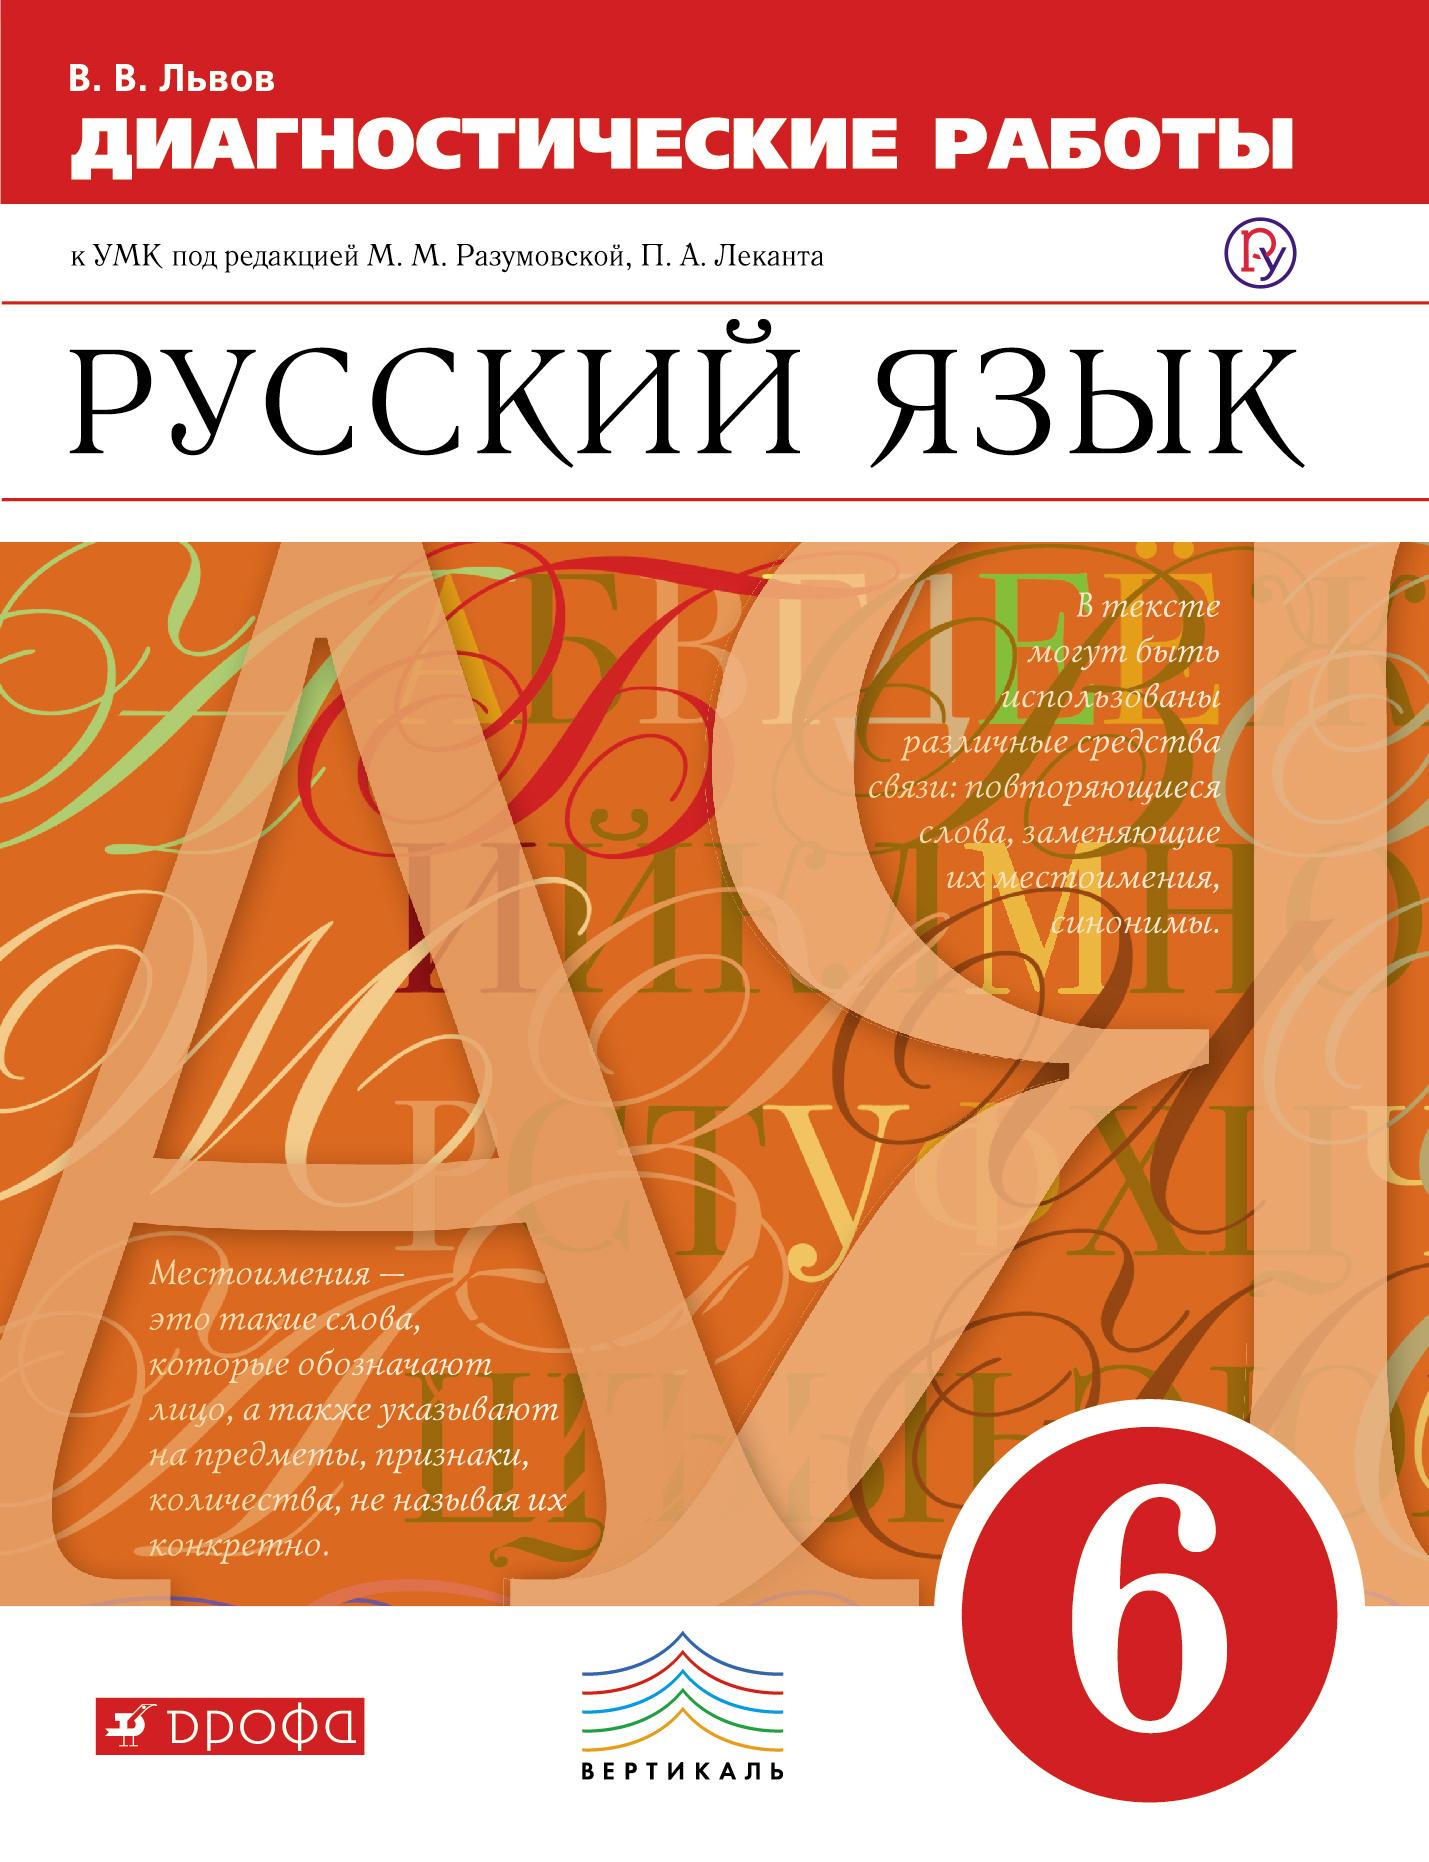 Львов В.В. Русский язык. 6 класс. Рабочая тетрадь (диагностические работы)